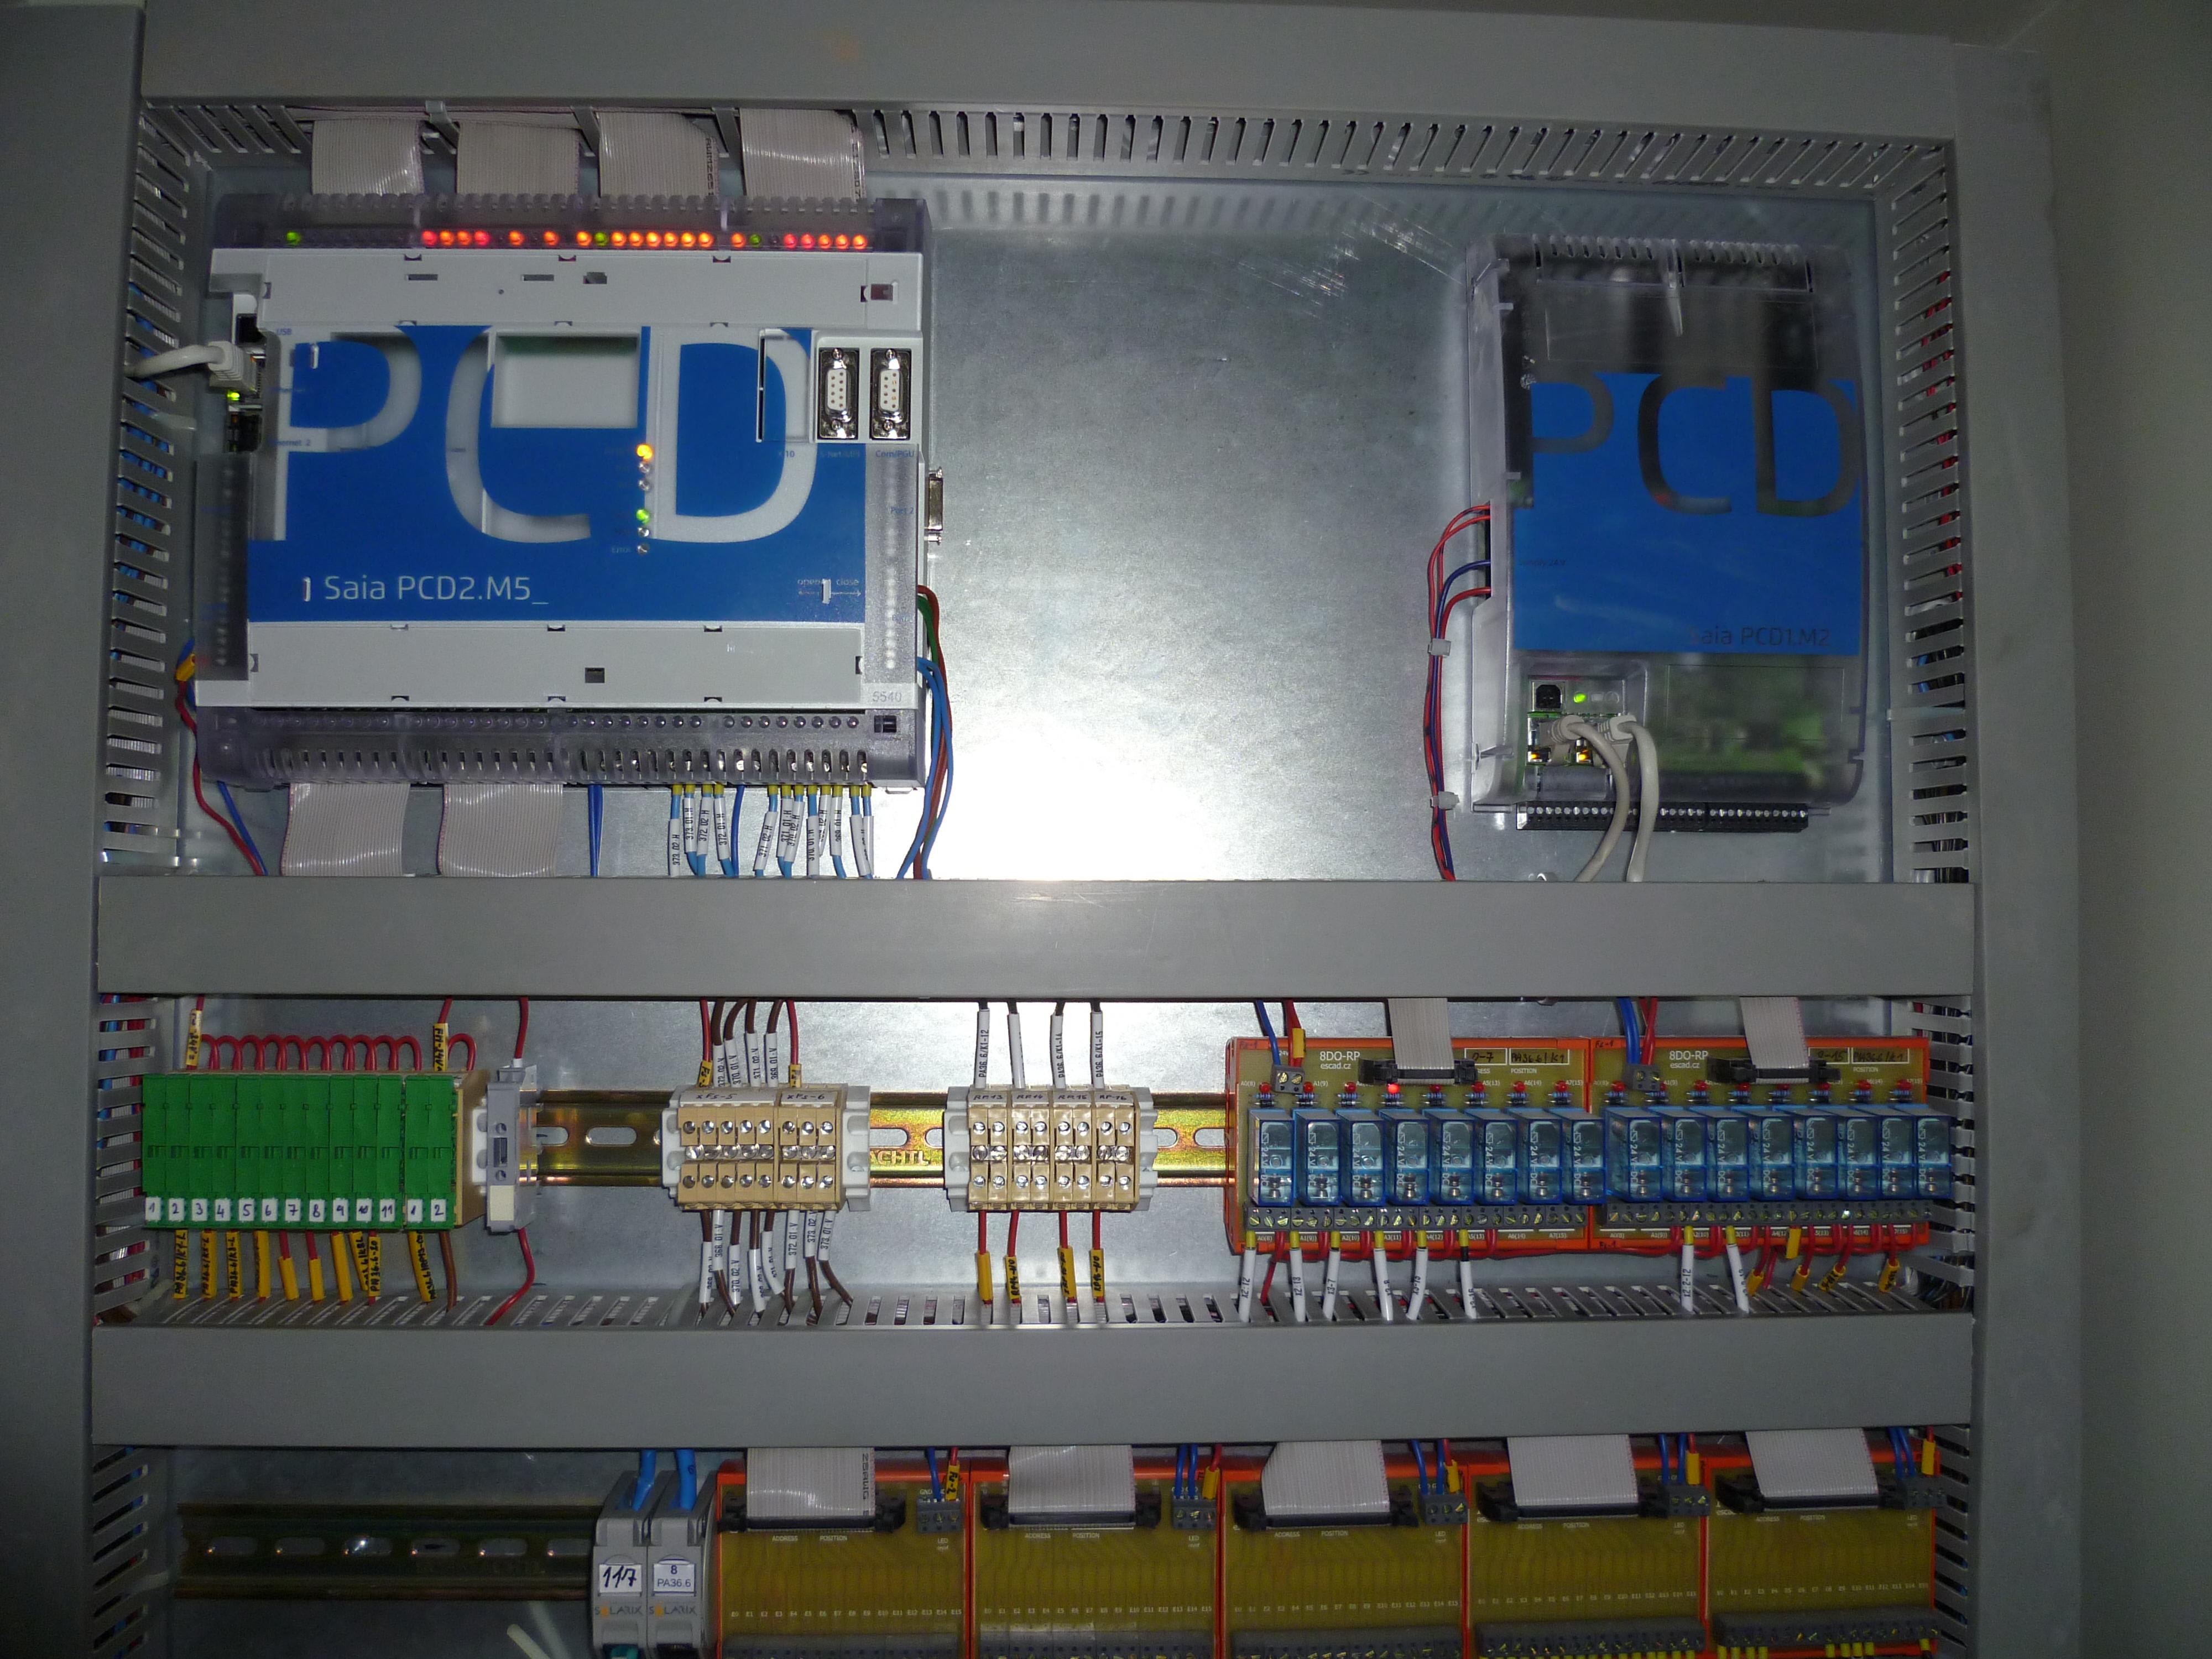 IKEM nová verze PCD2.M5540 namísto původní verze PCD2.M180